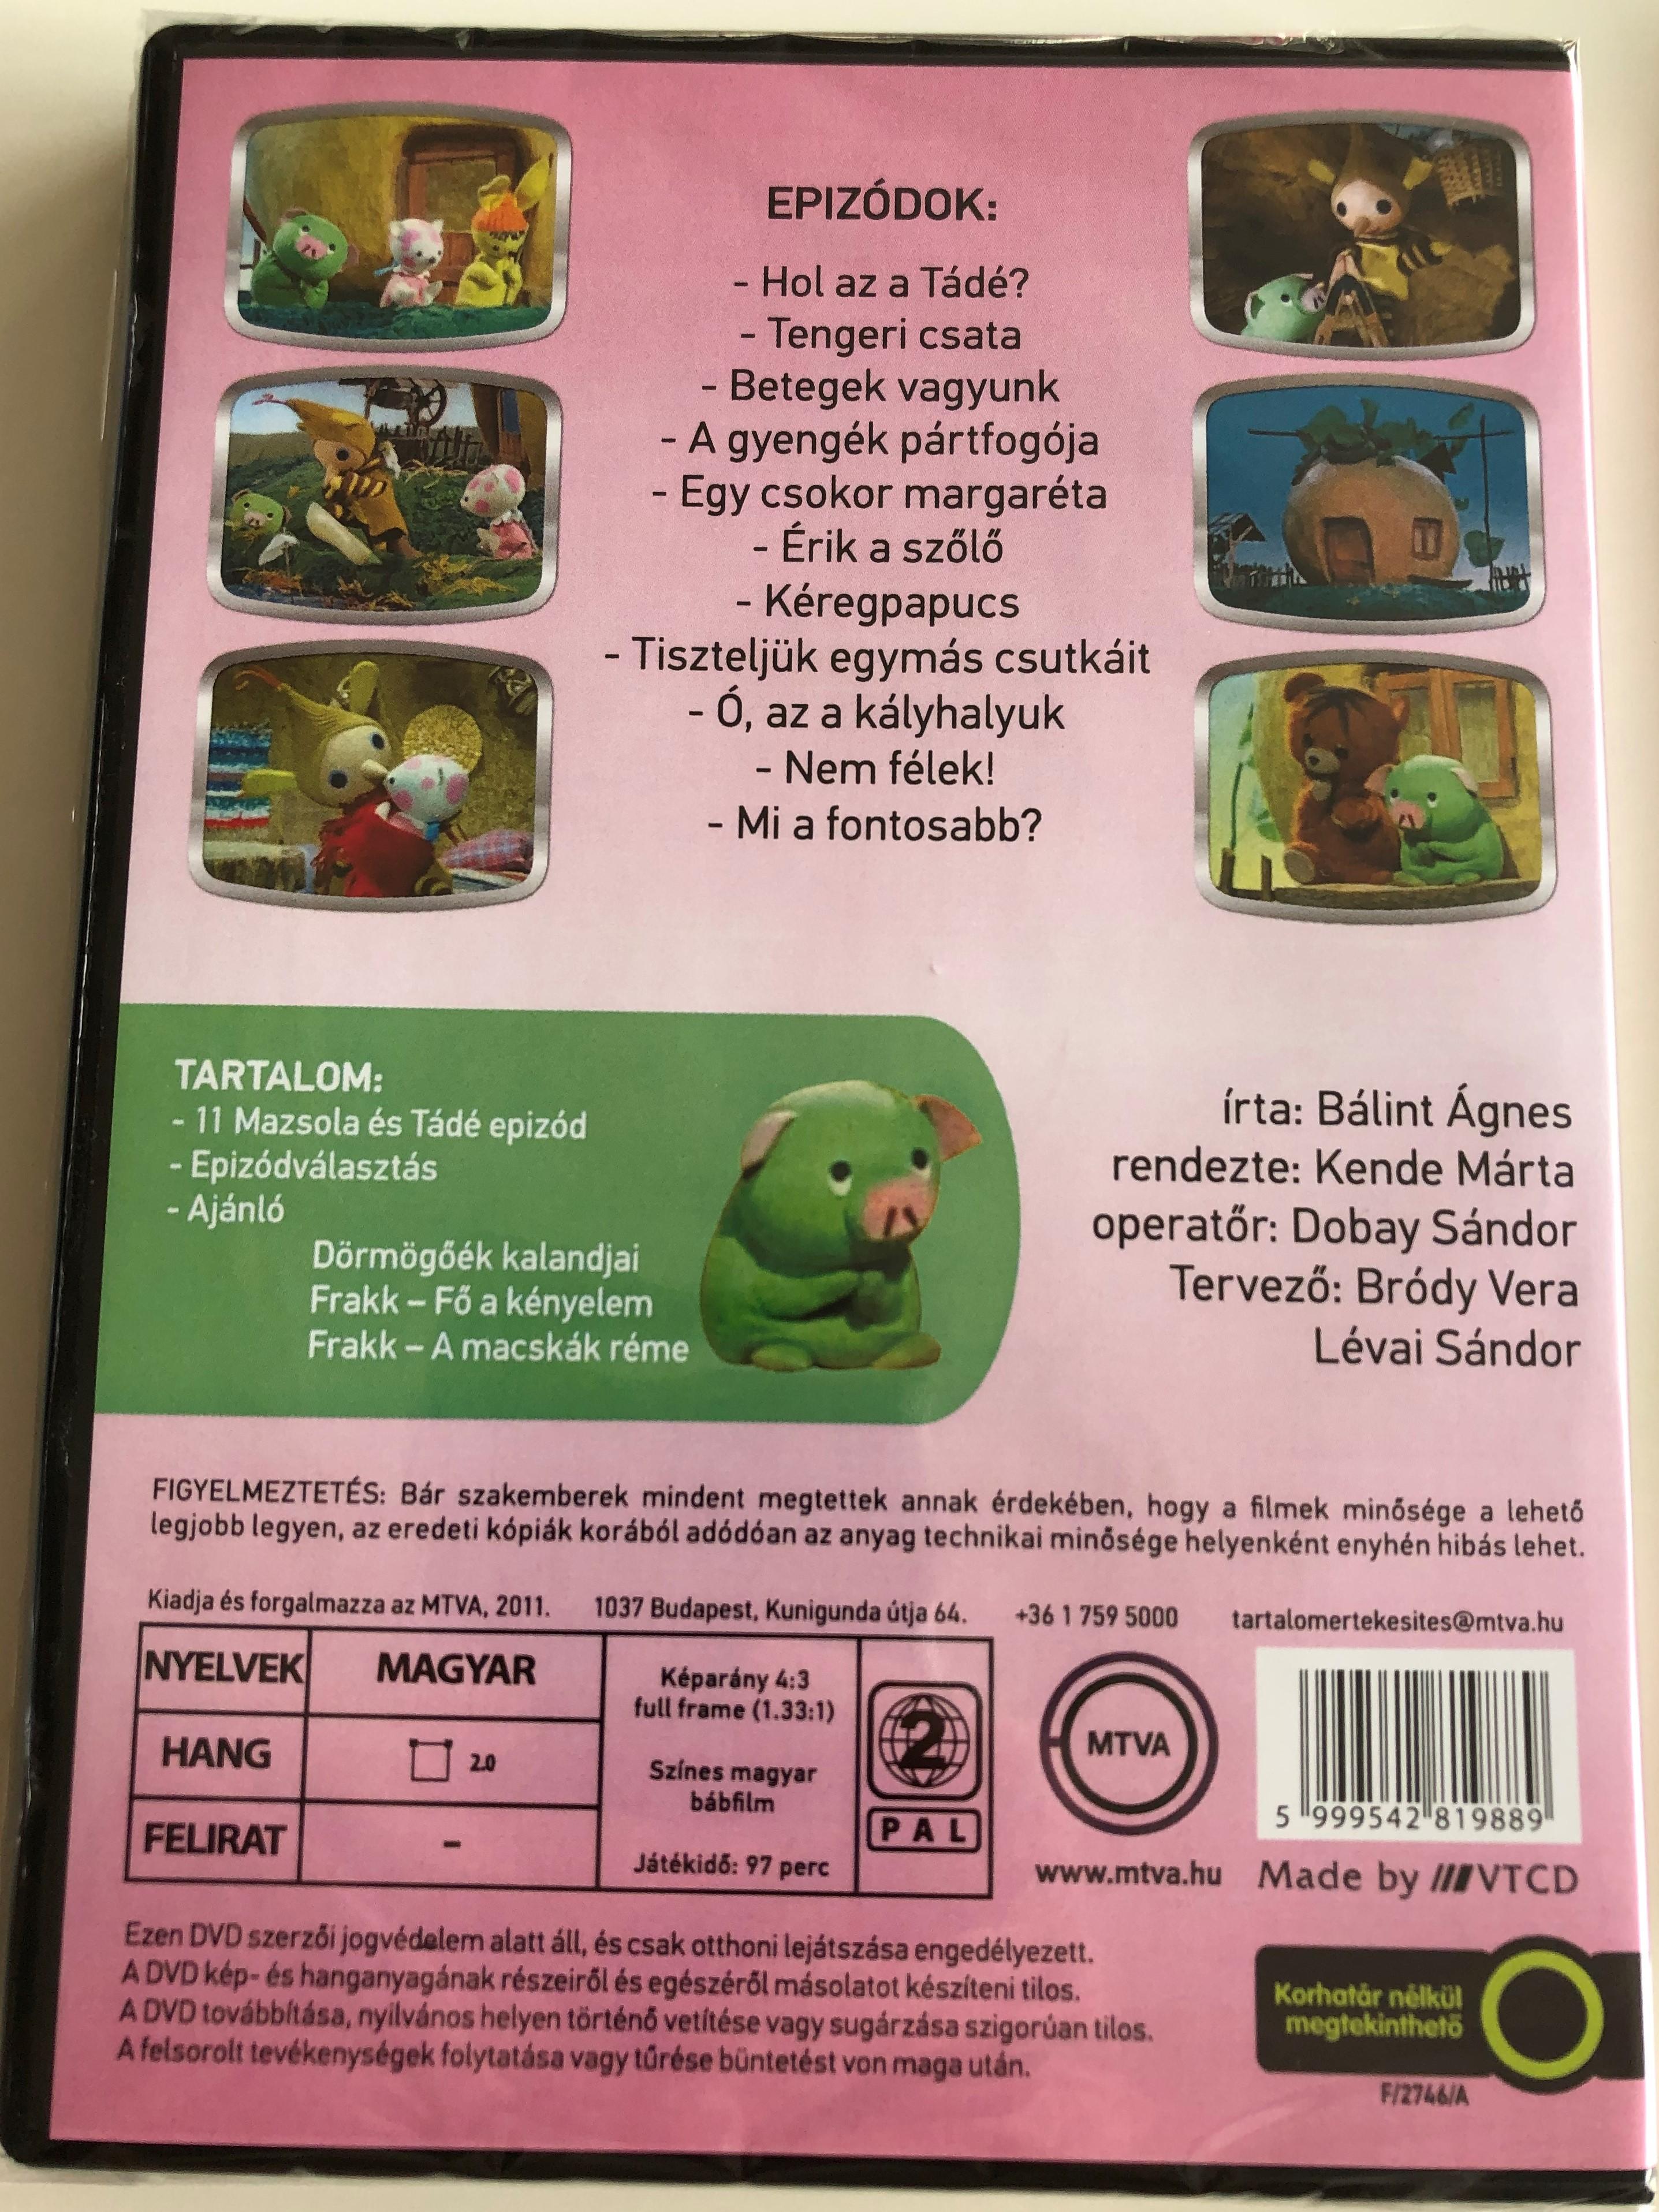 mazsola-s-t-d-1-hol-az-a-t-d-dvd-2011-digit-lisan-fel-j-tott-v-ltozat-2.jpg